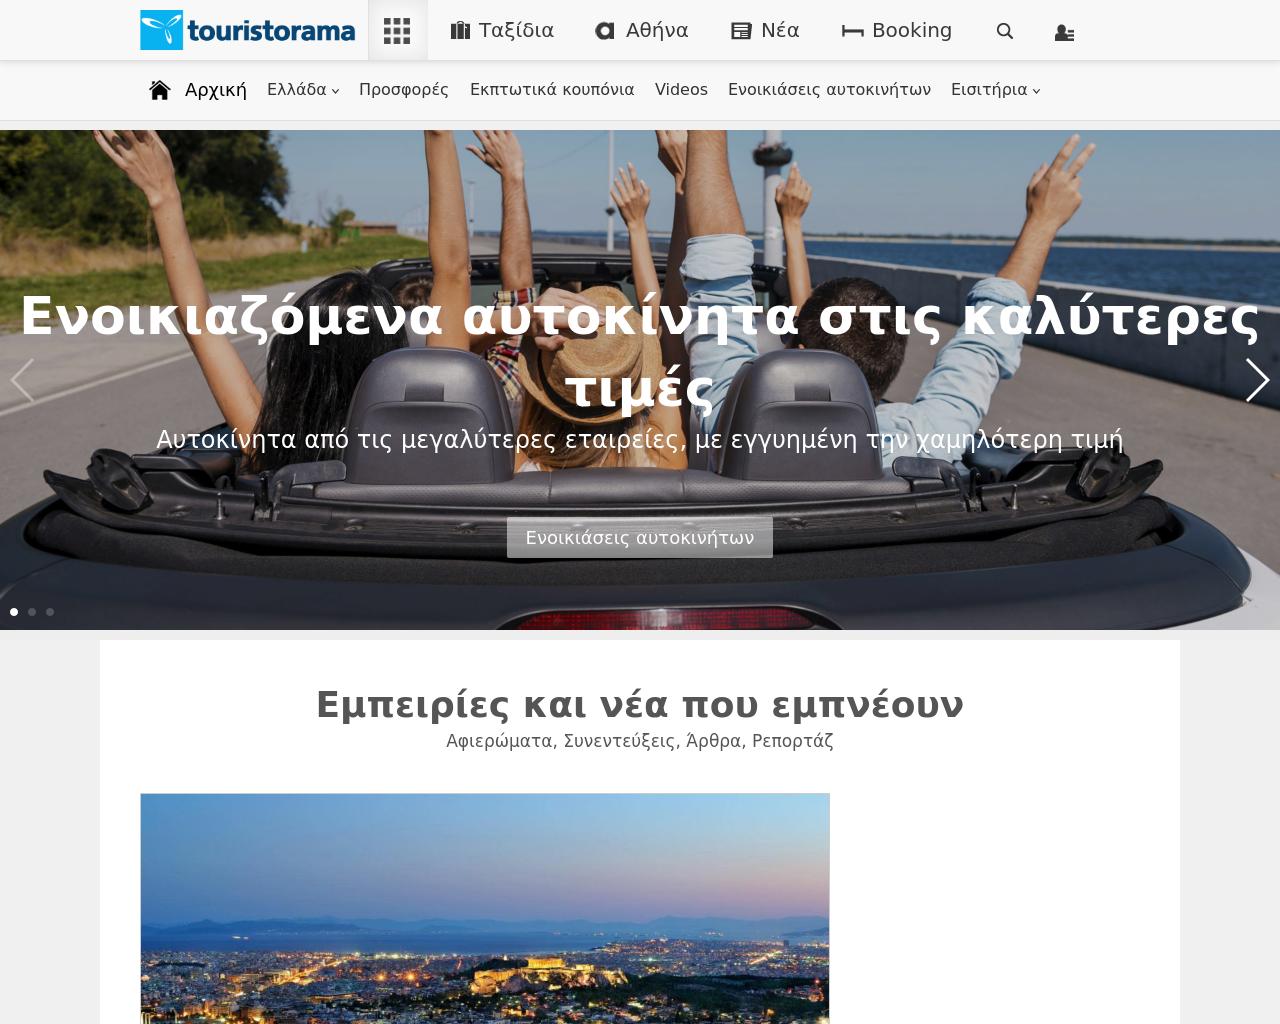 Touristorama-Advertising-Reviews-Pricing